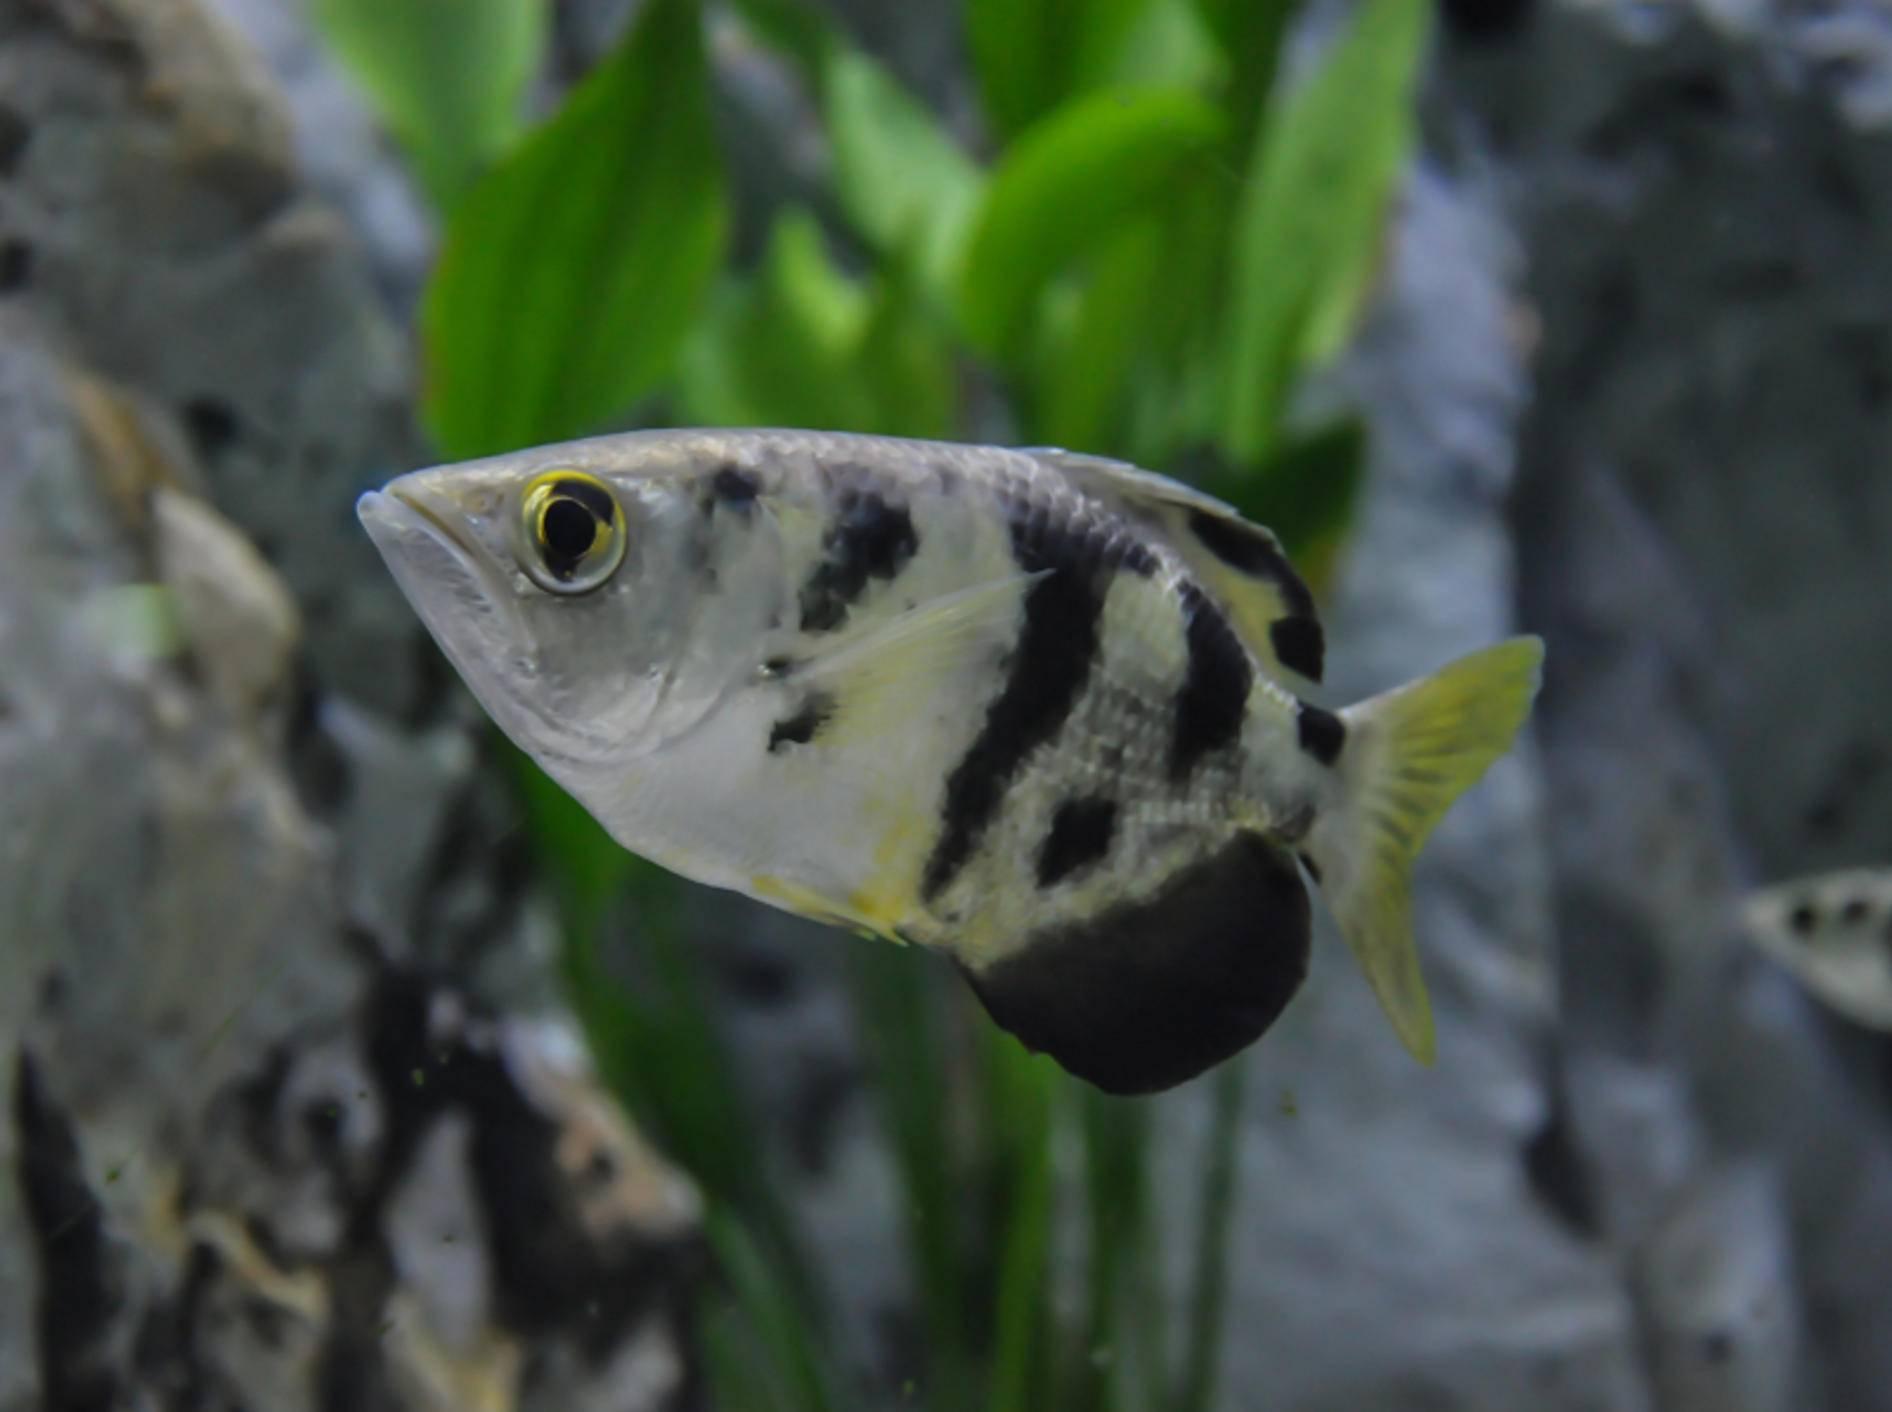 """Krasser Typ! Schützenfische können nicht nur zielgenau """"schießen"""", sondern auch zielgenau Gesichter unterscheiden – Shutterstock / blackbit17"""